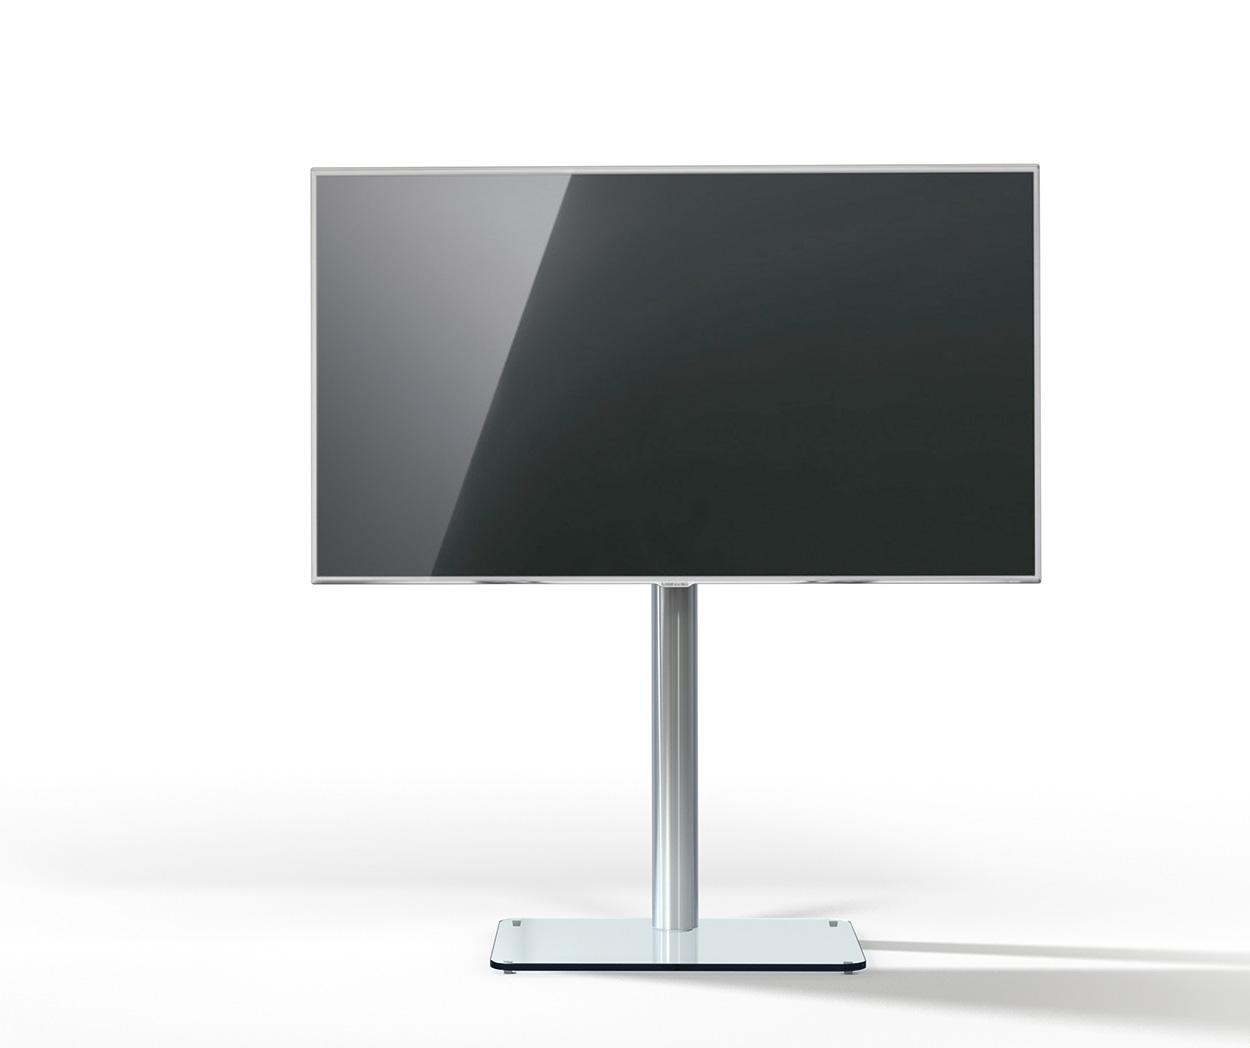 tv600-kg_1250-1048_02